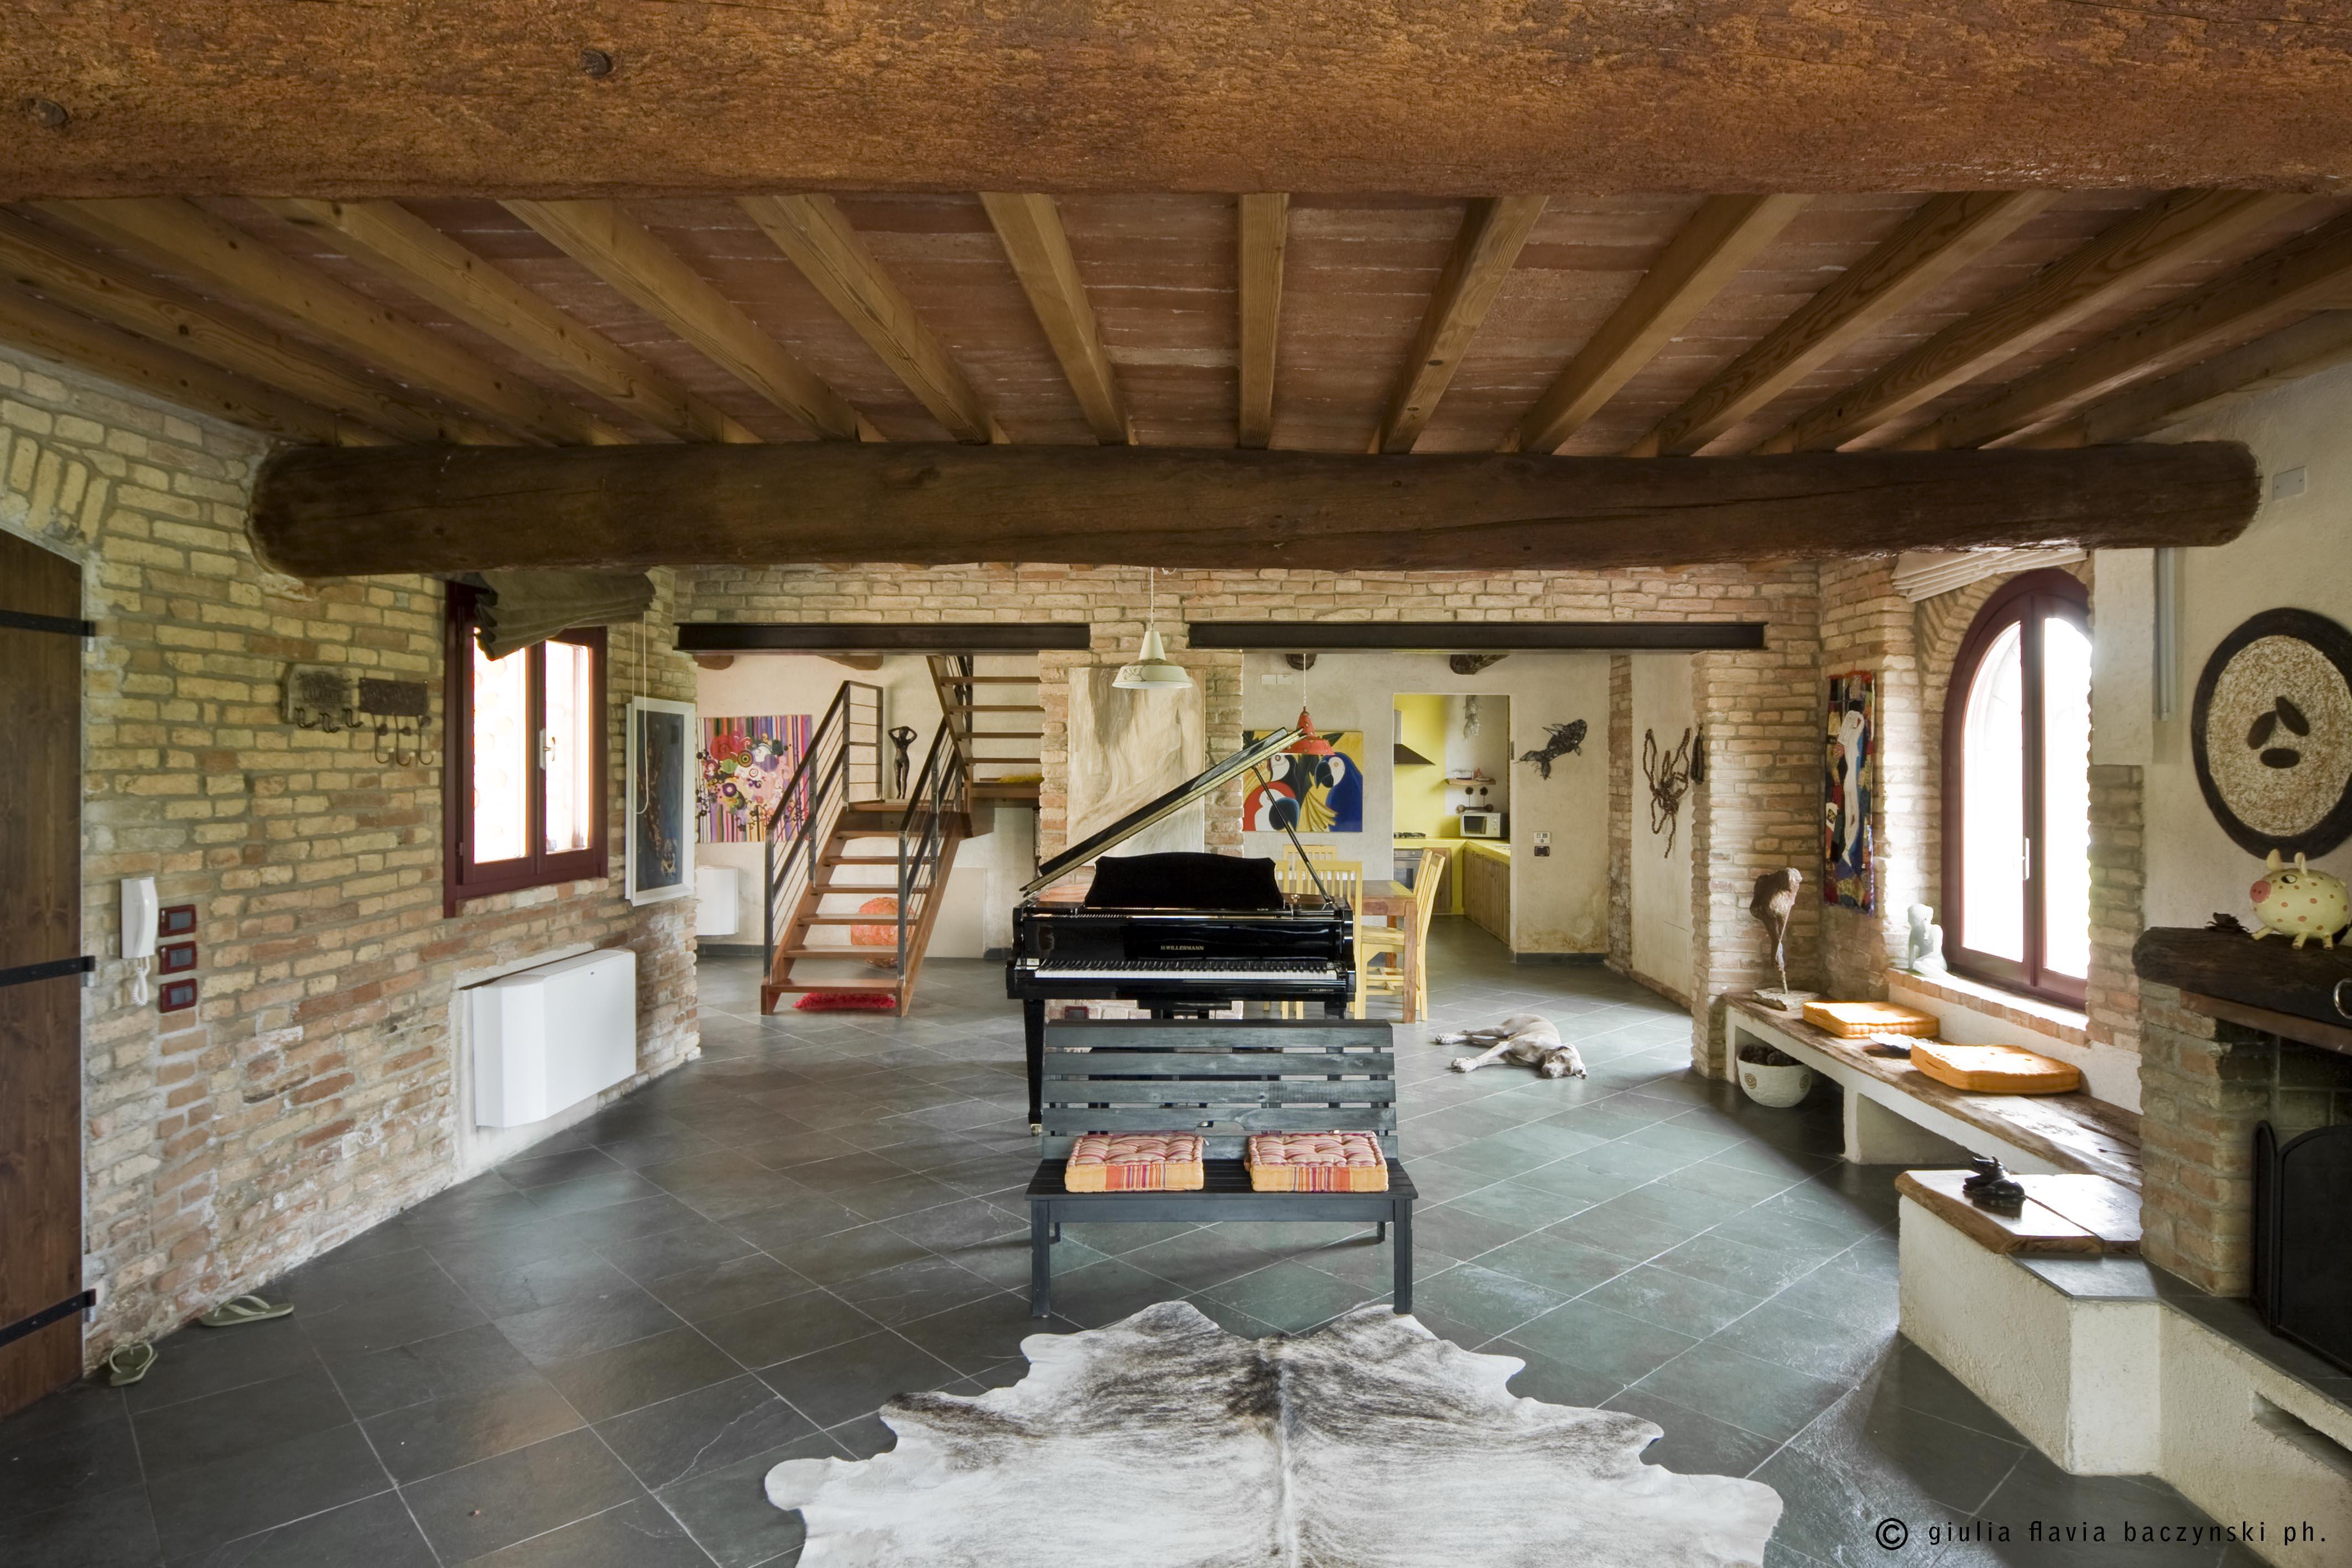 Affittasi location corte ronchi curtatone miragu for Piccoli piani di progettazione di edifici commerciali